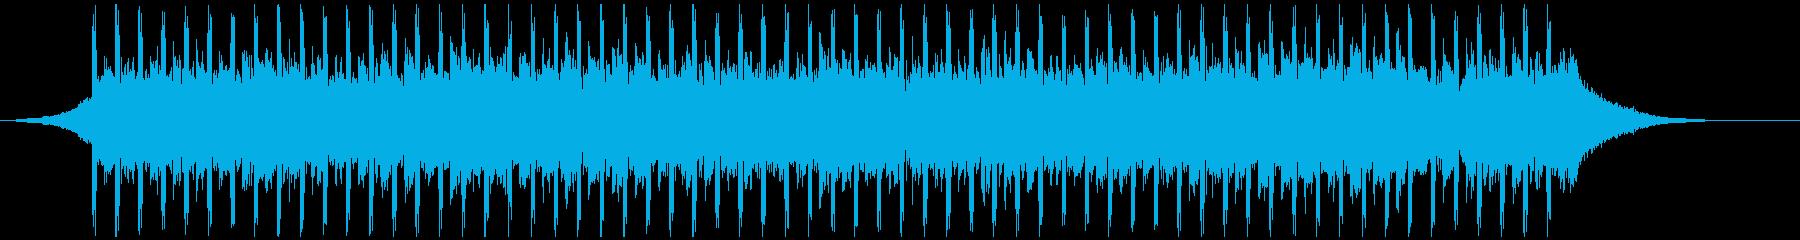 アップビートコーポレート(30秒)の再生済みの波形